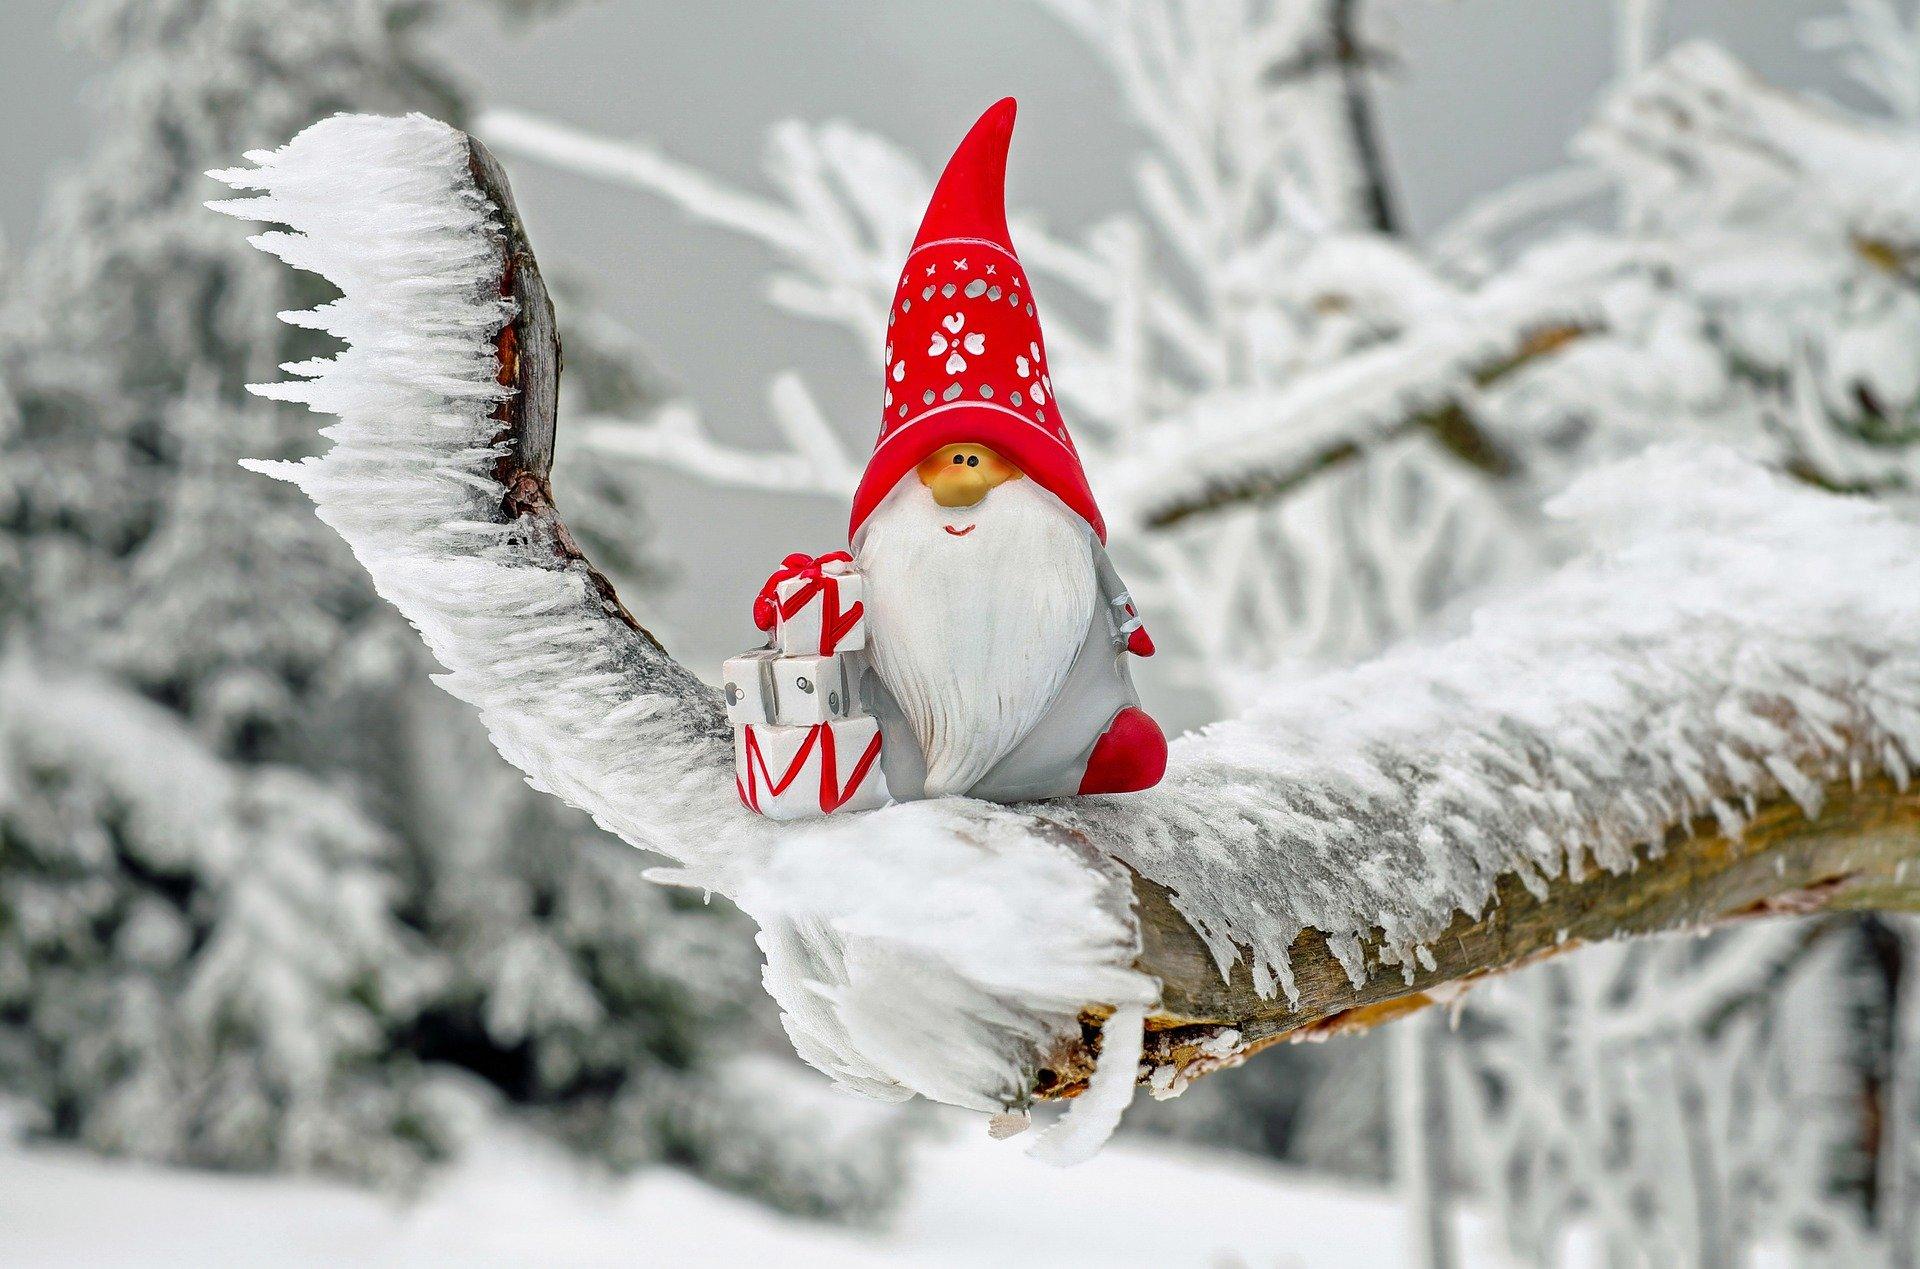 Weihnachtsmann-Figur auf verschneitem Ast